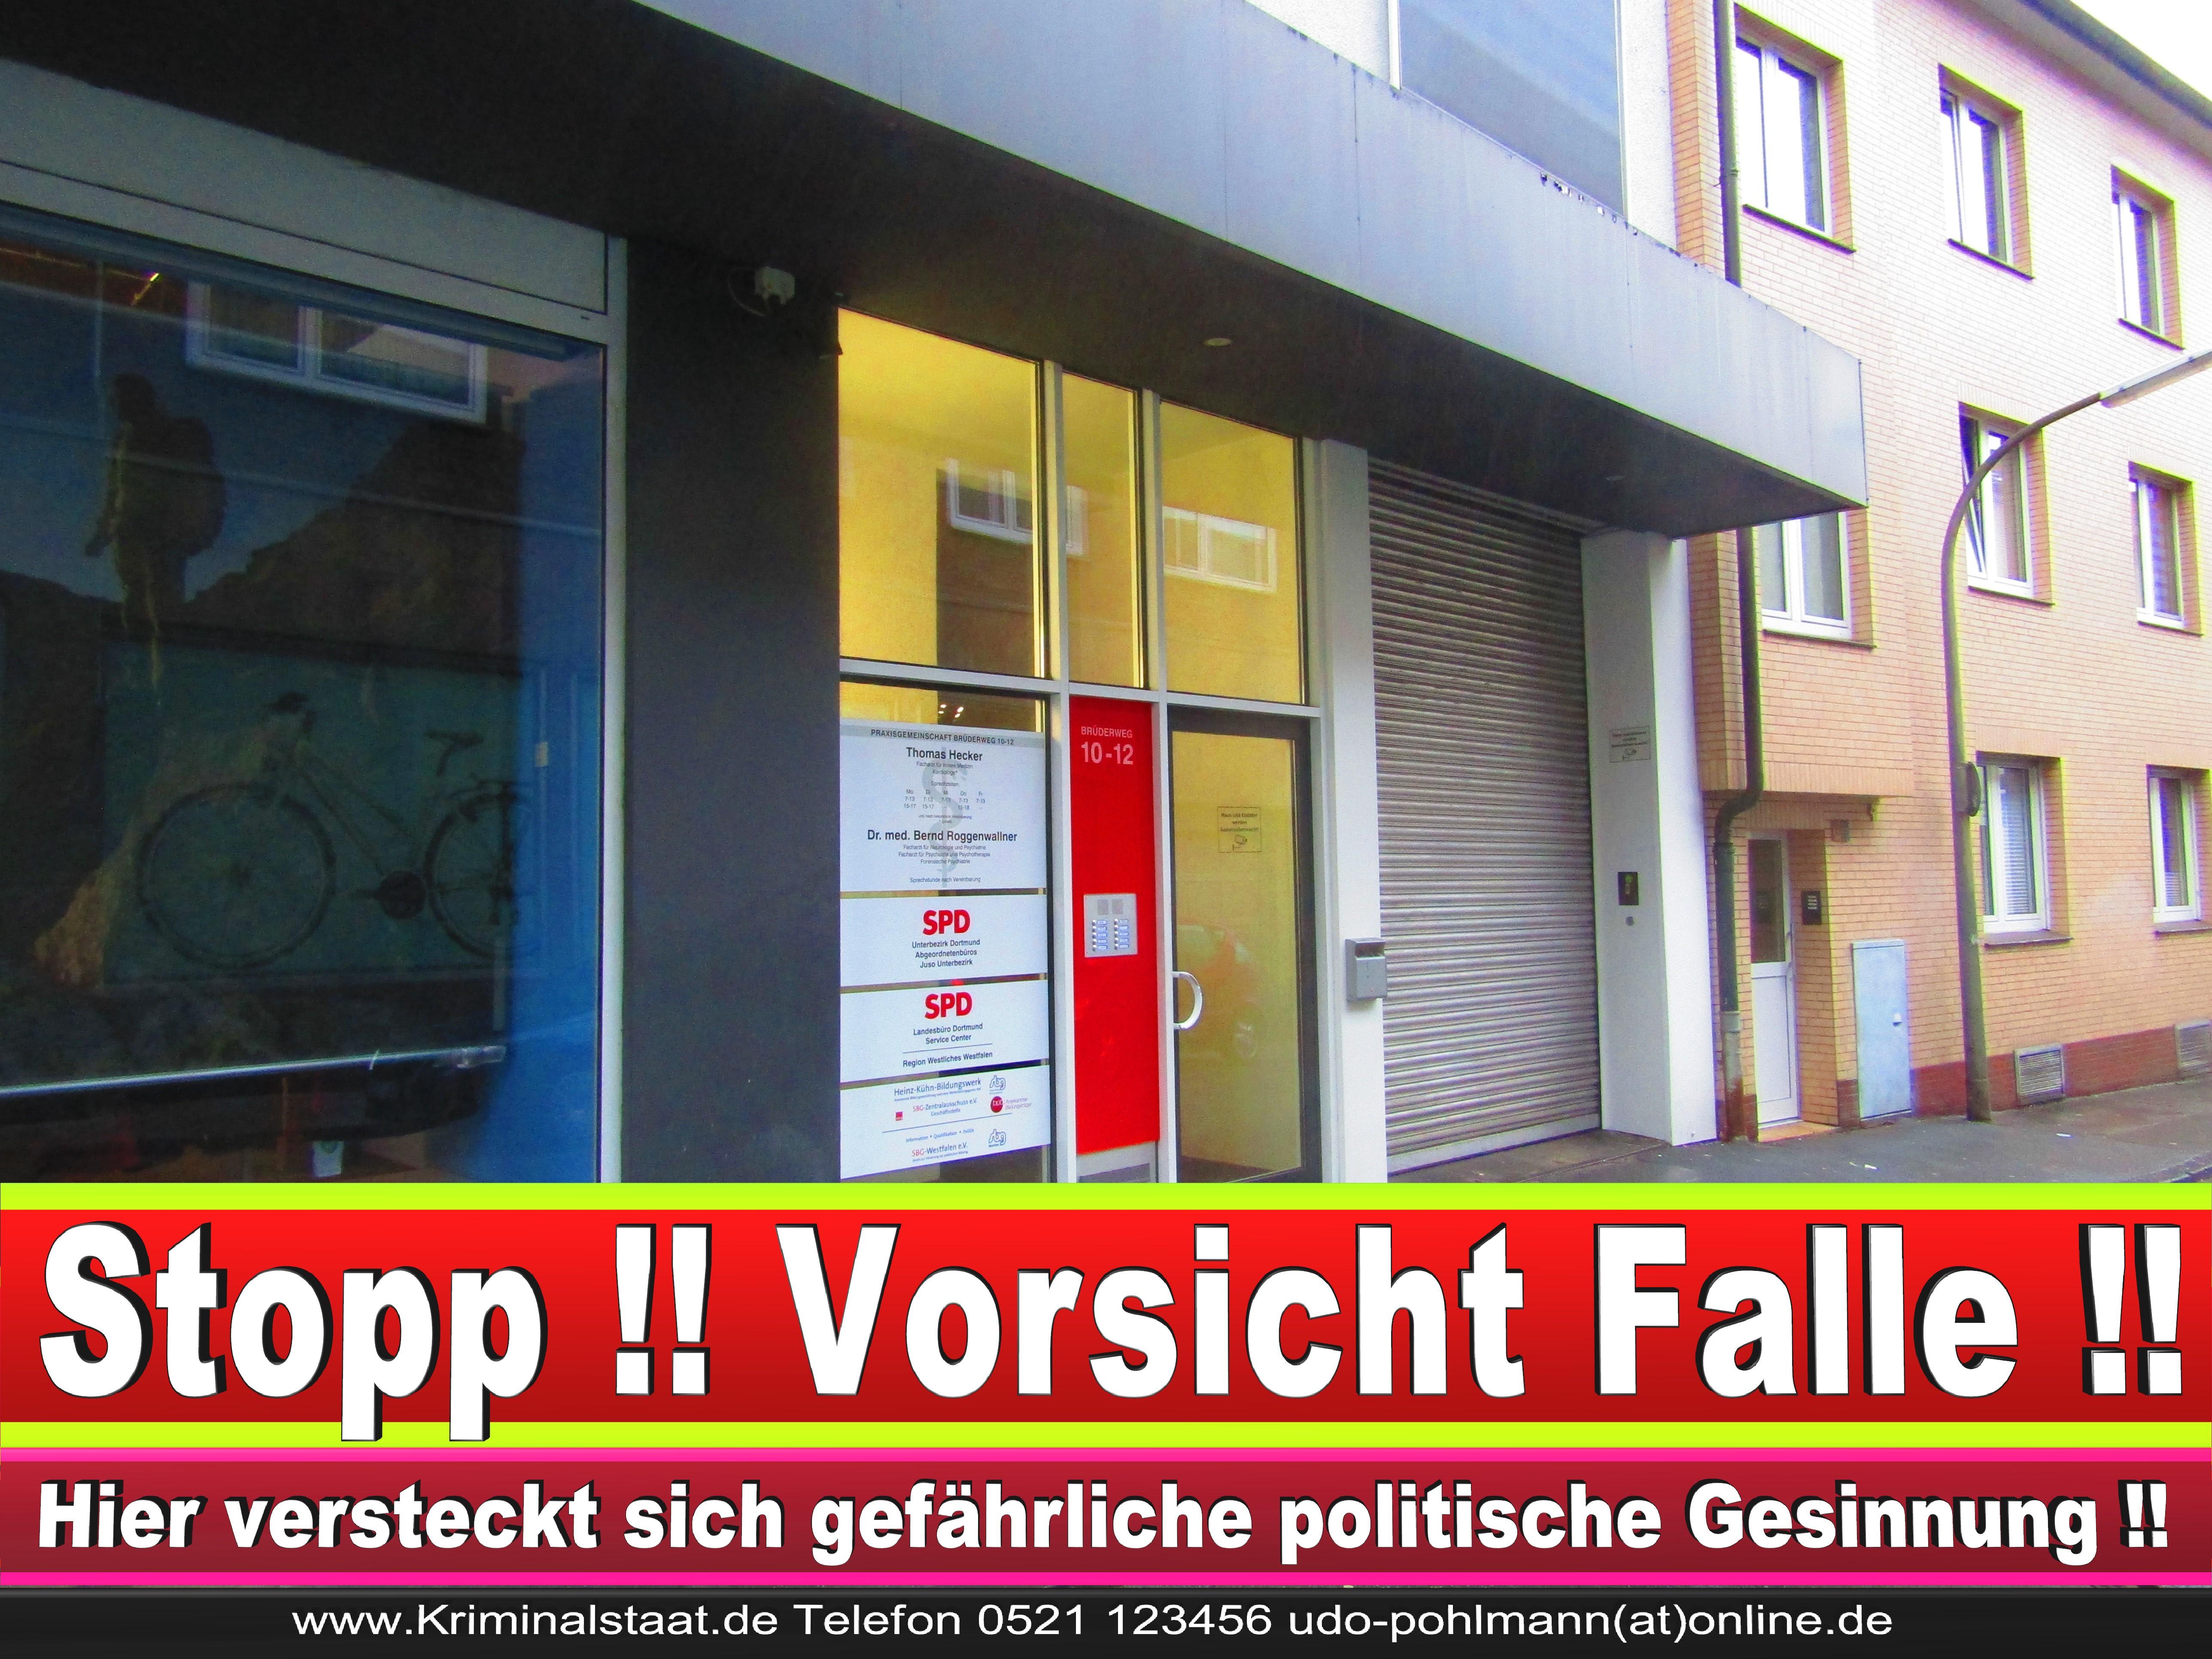 SPD DORTMUND UNTERBEZIRK BüRGERBüRO SPD ORTSVERBAND RAT STADT RATSMITGLIEDER SPD FRAKTION SPD NRW ADRESSE (16) 1